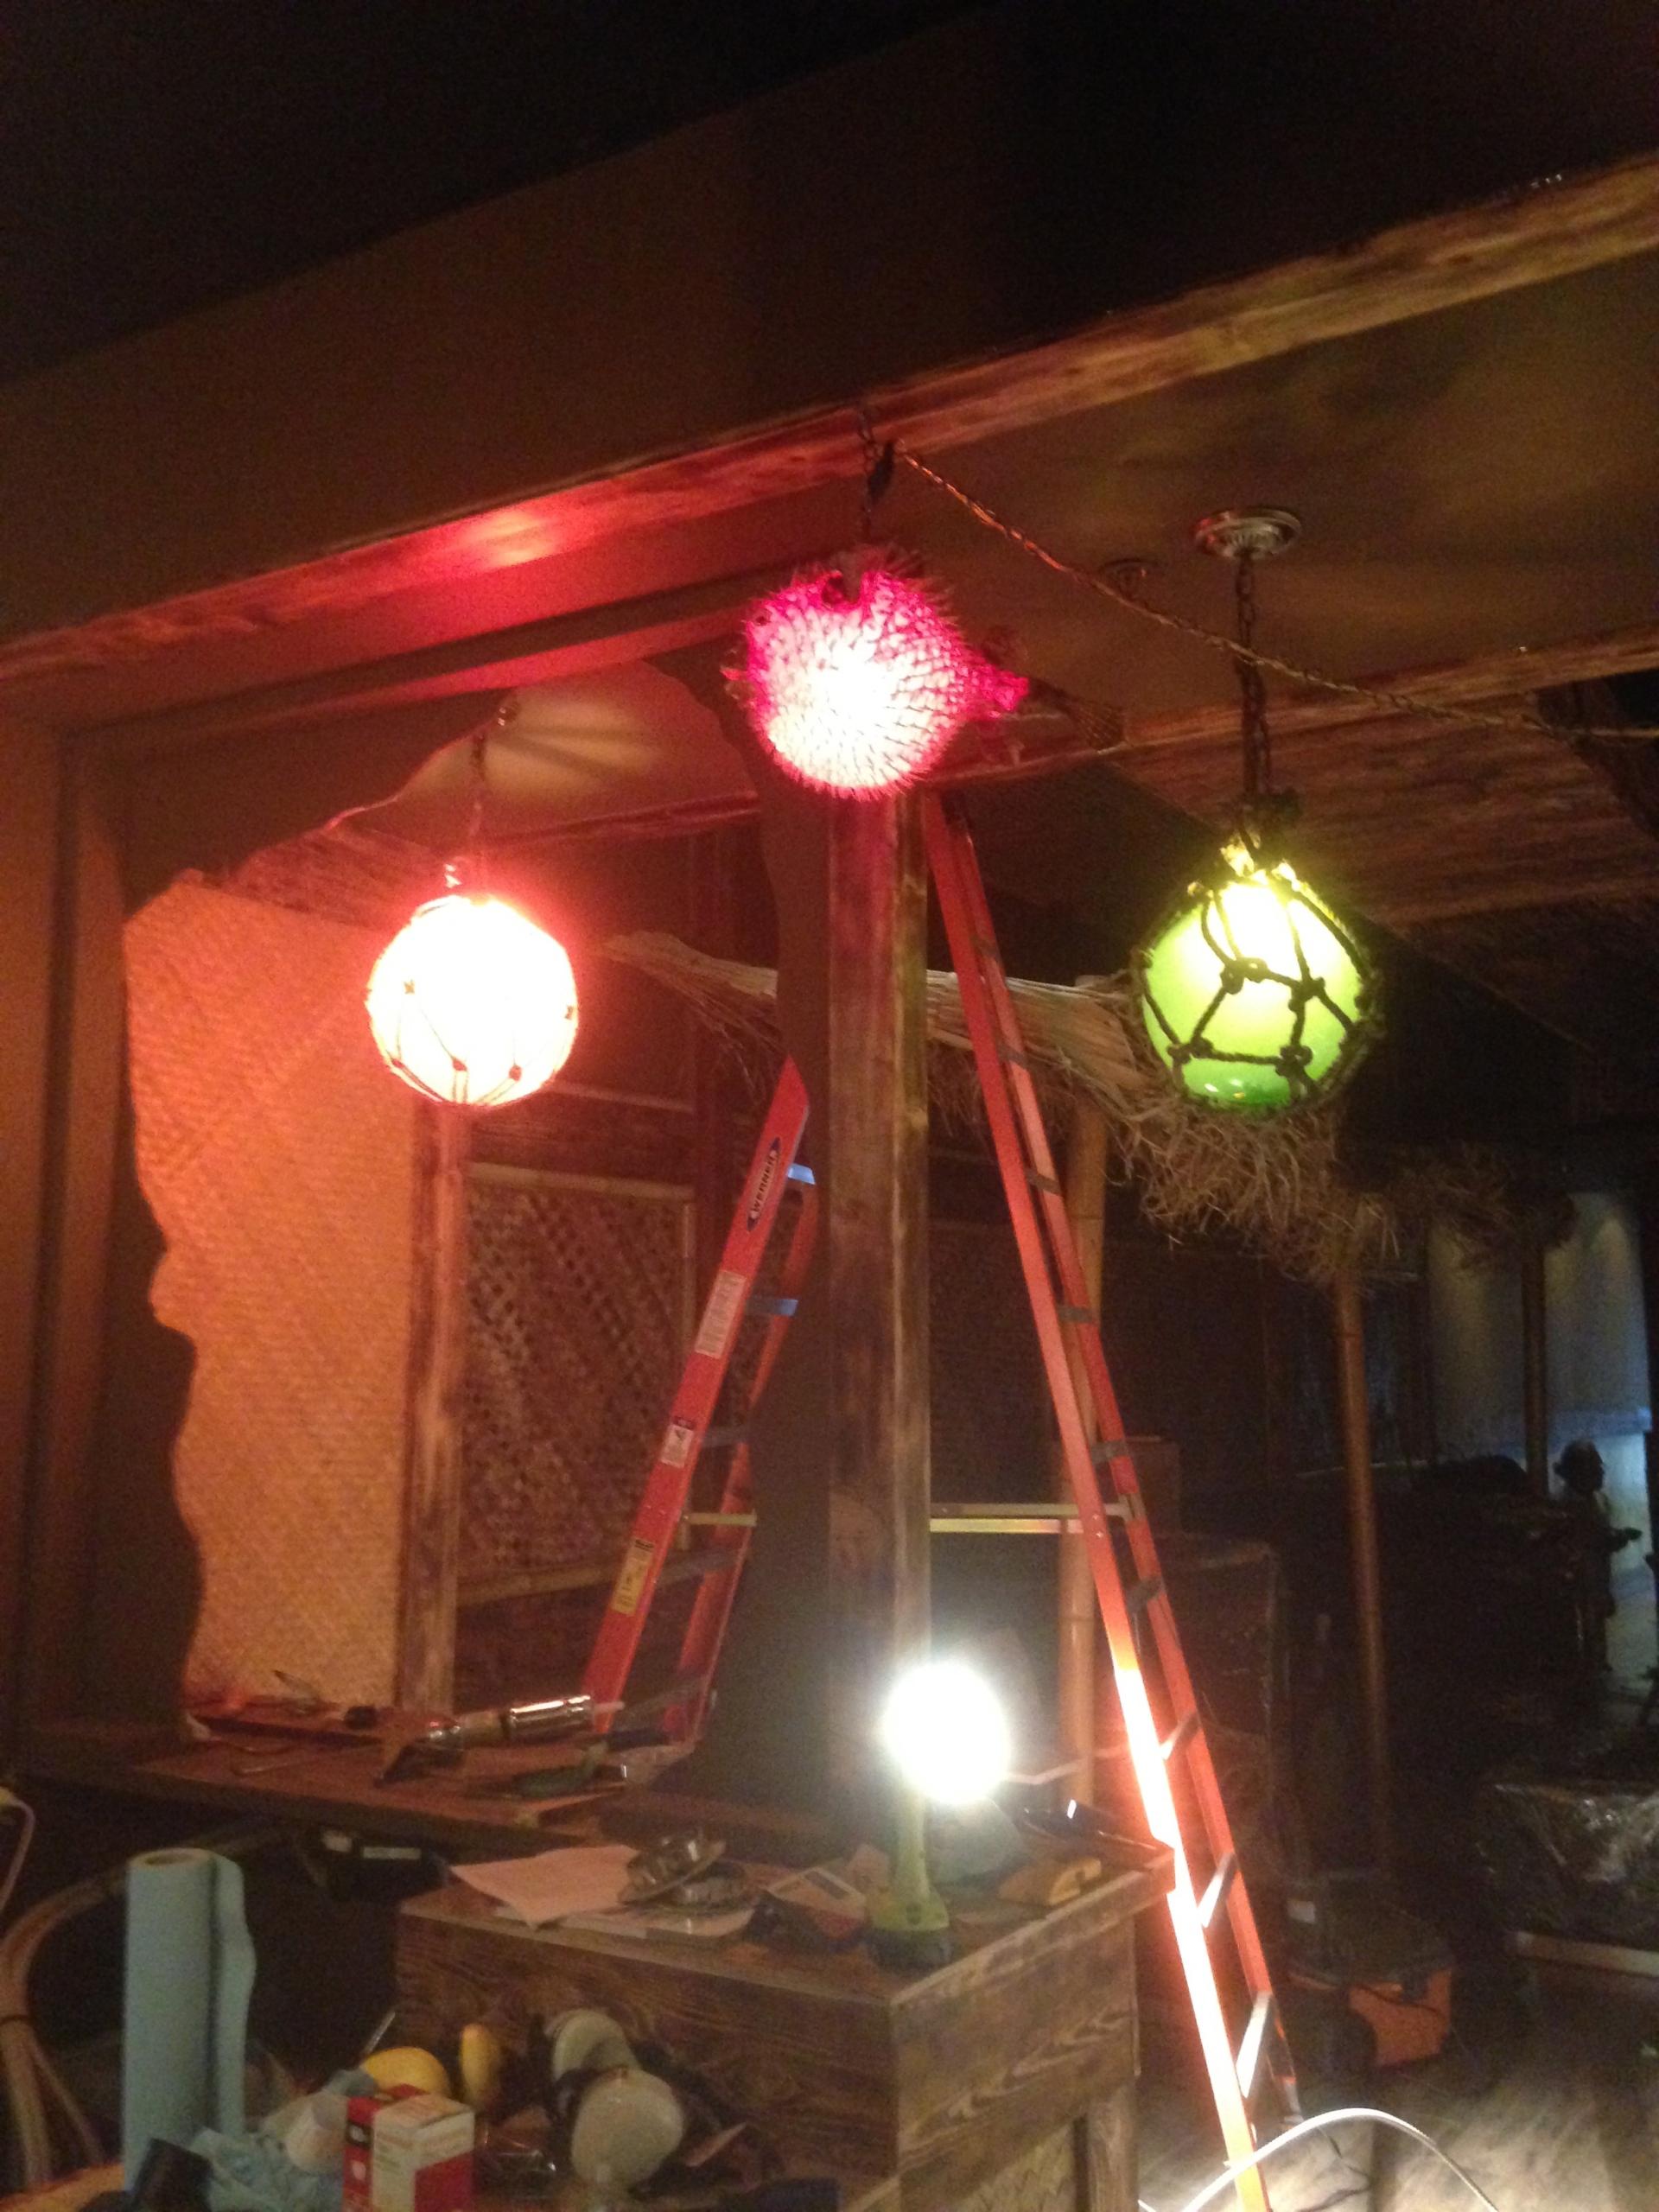 In-progress build of Toronto's Shameful Tiki Room